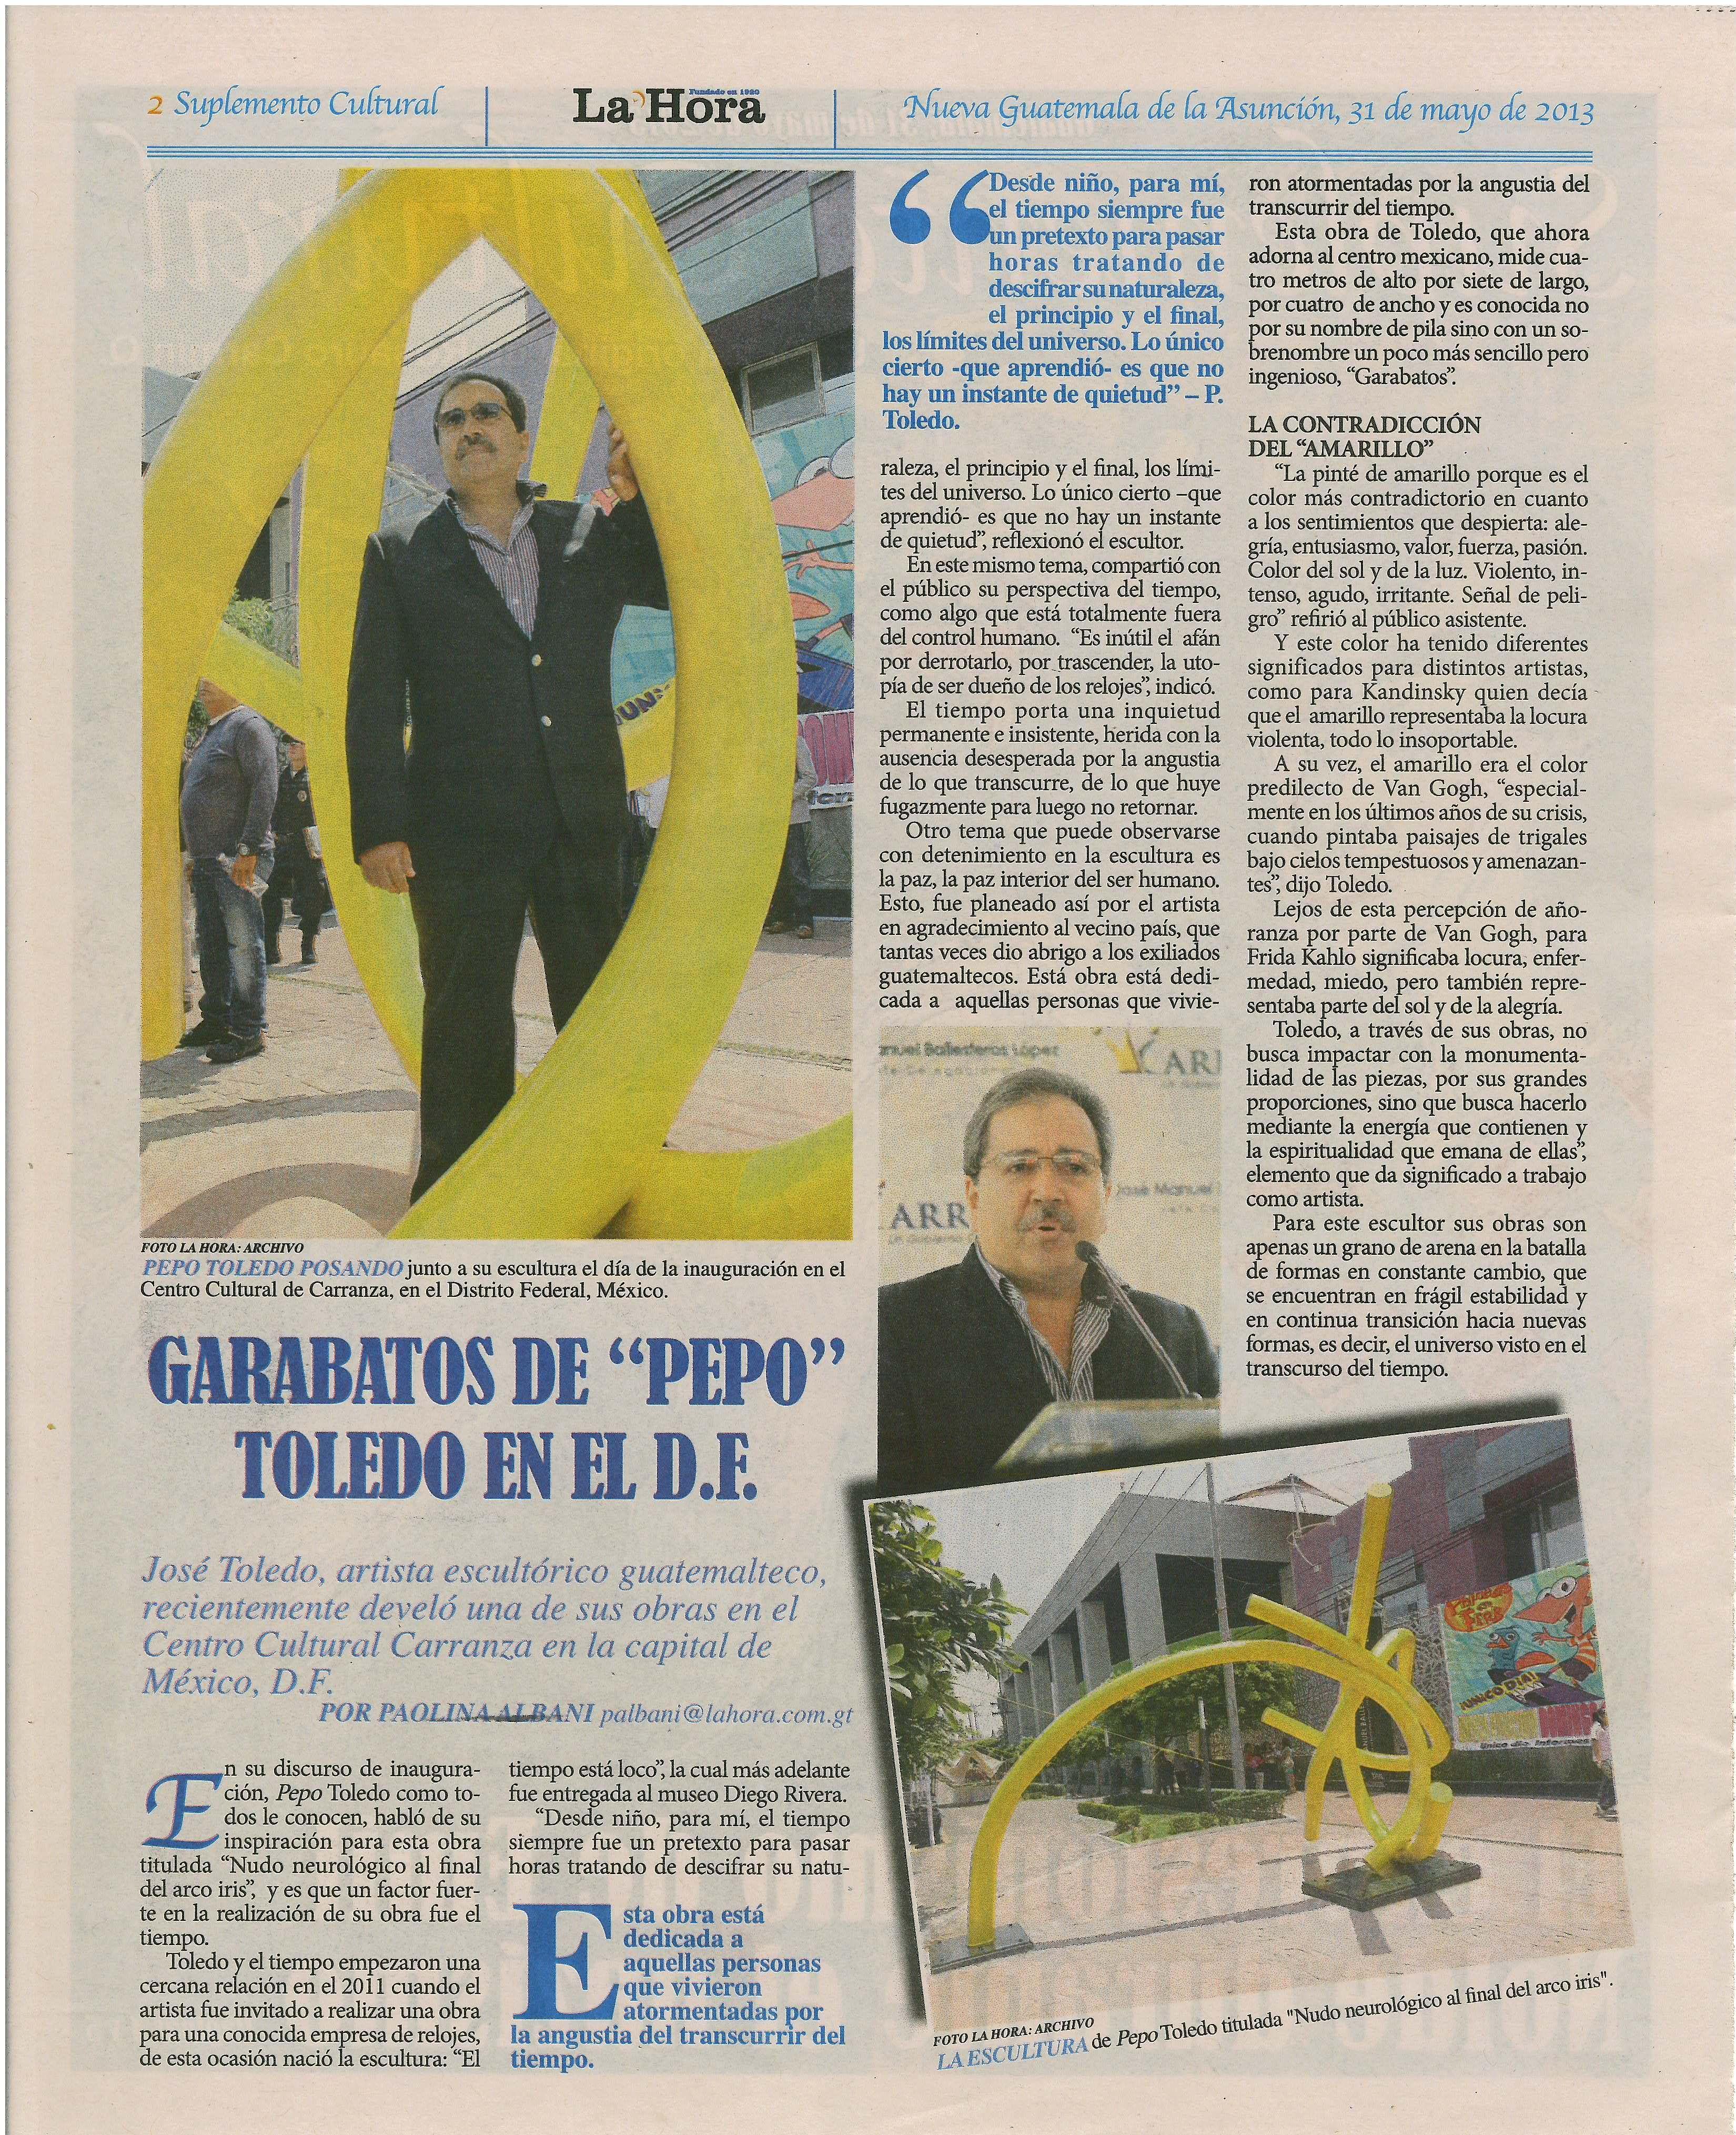 Develación de escultura Nudo Neurológico al Final del Arcoíris por el escultor plástico Pepo Toledo. #PepoToledoArt